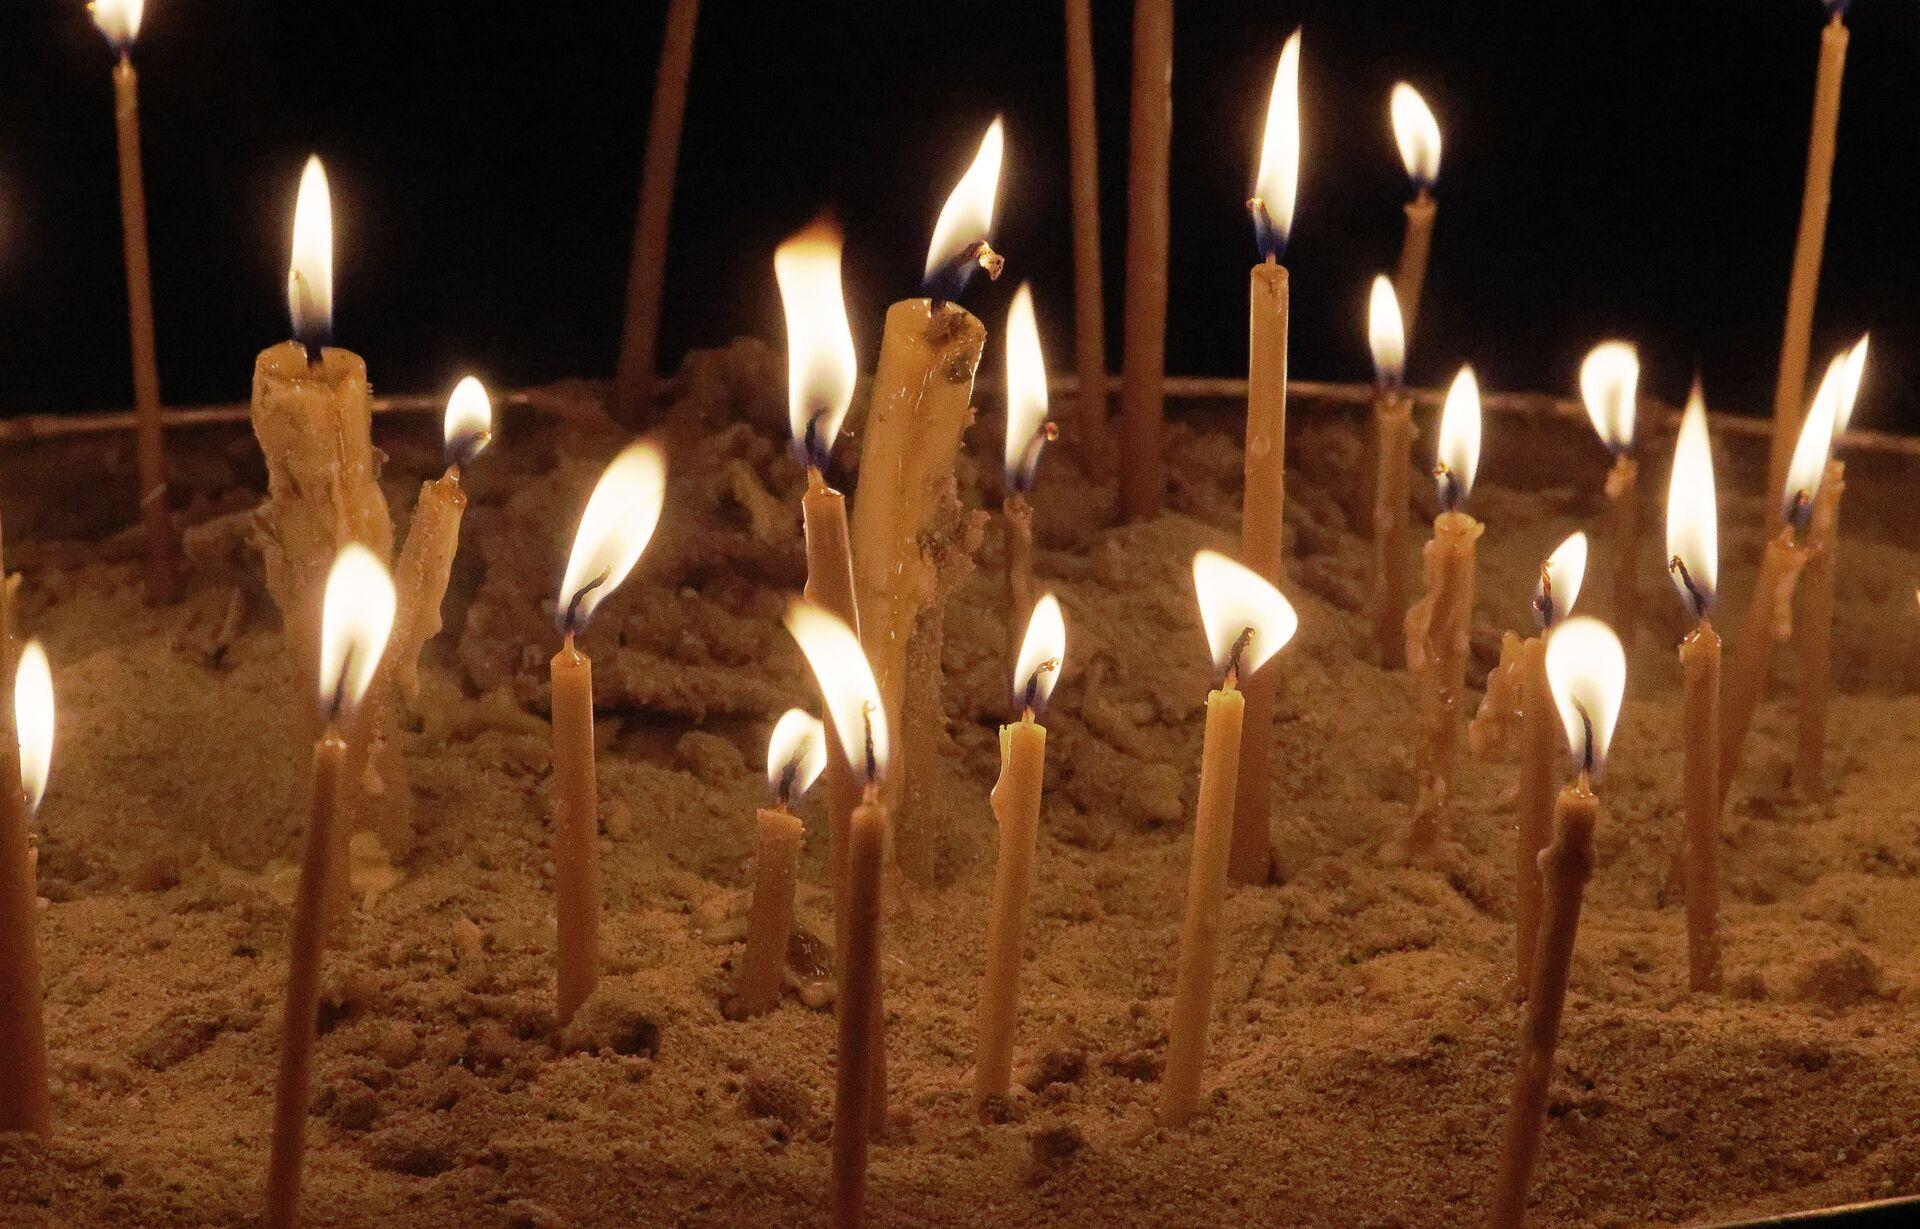 Религия и православие. Горящие свечи - Sputnik Грузия, 1920, 21.09.2021